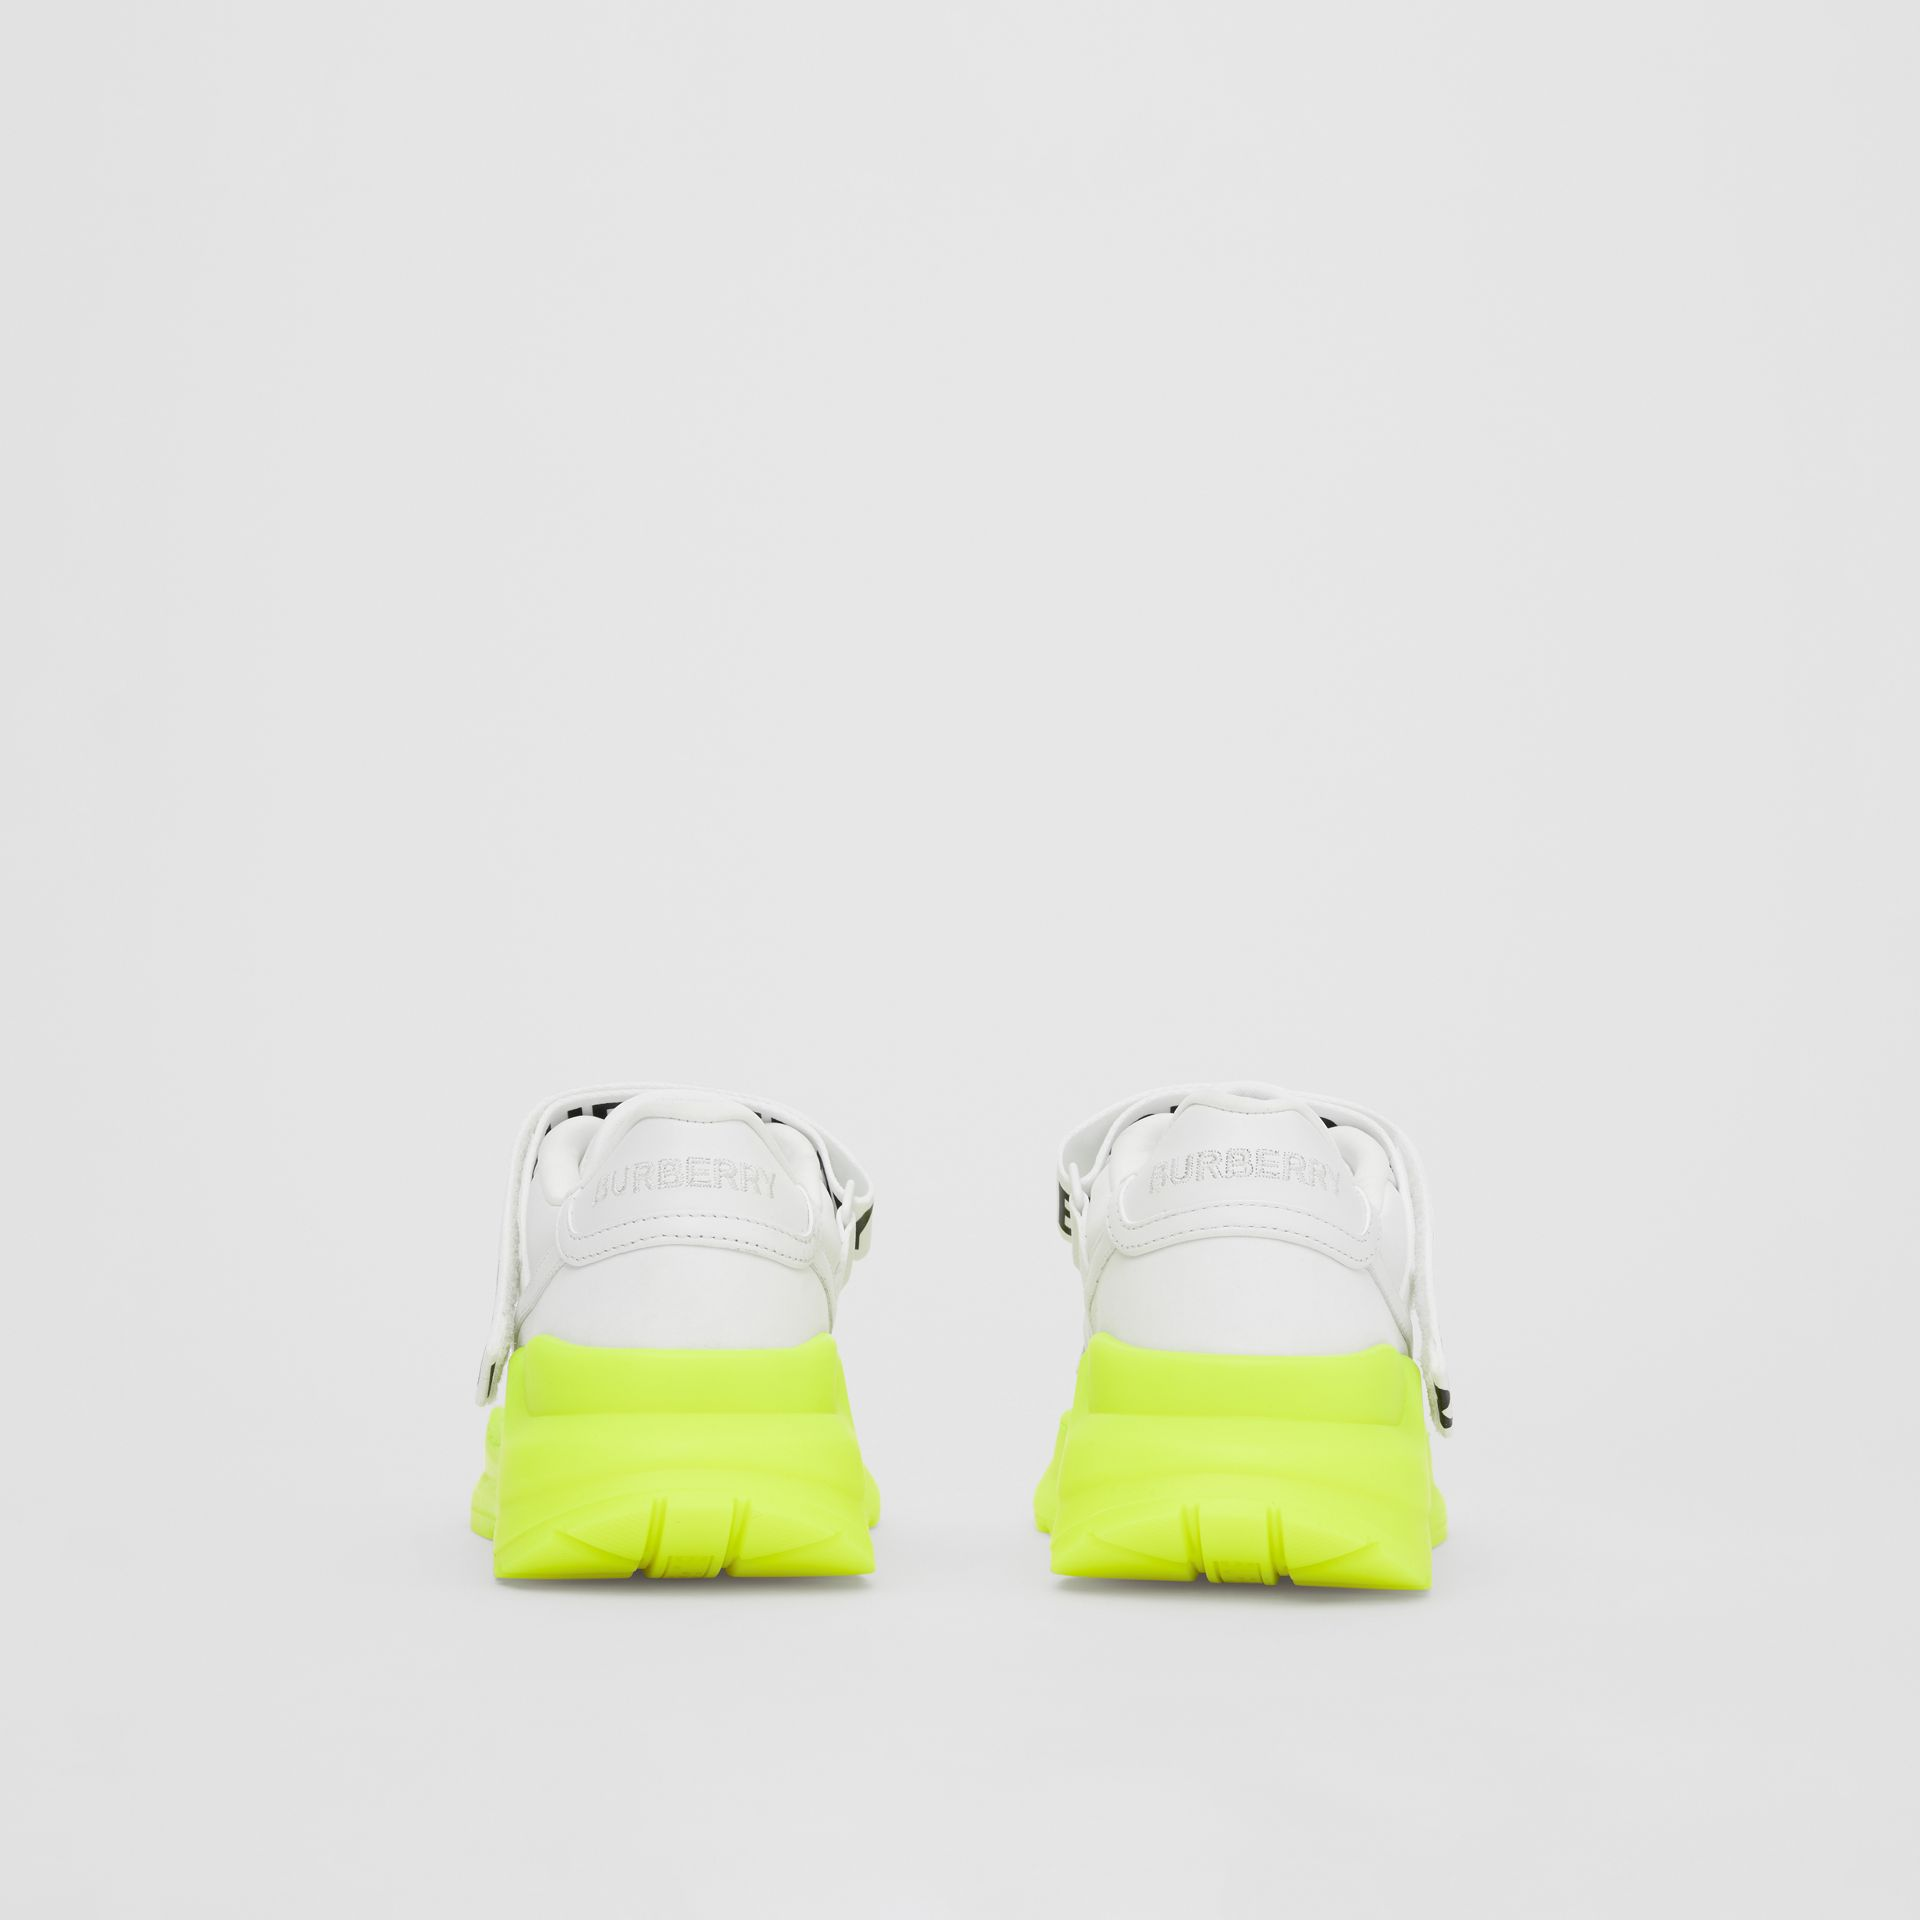 標誌細節皮革及尼龍運動鞋 (光白色/螢光黃) - 女款 | Burberry - 圖庫照片 4